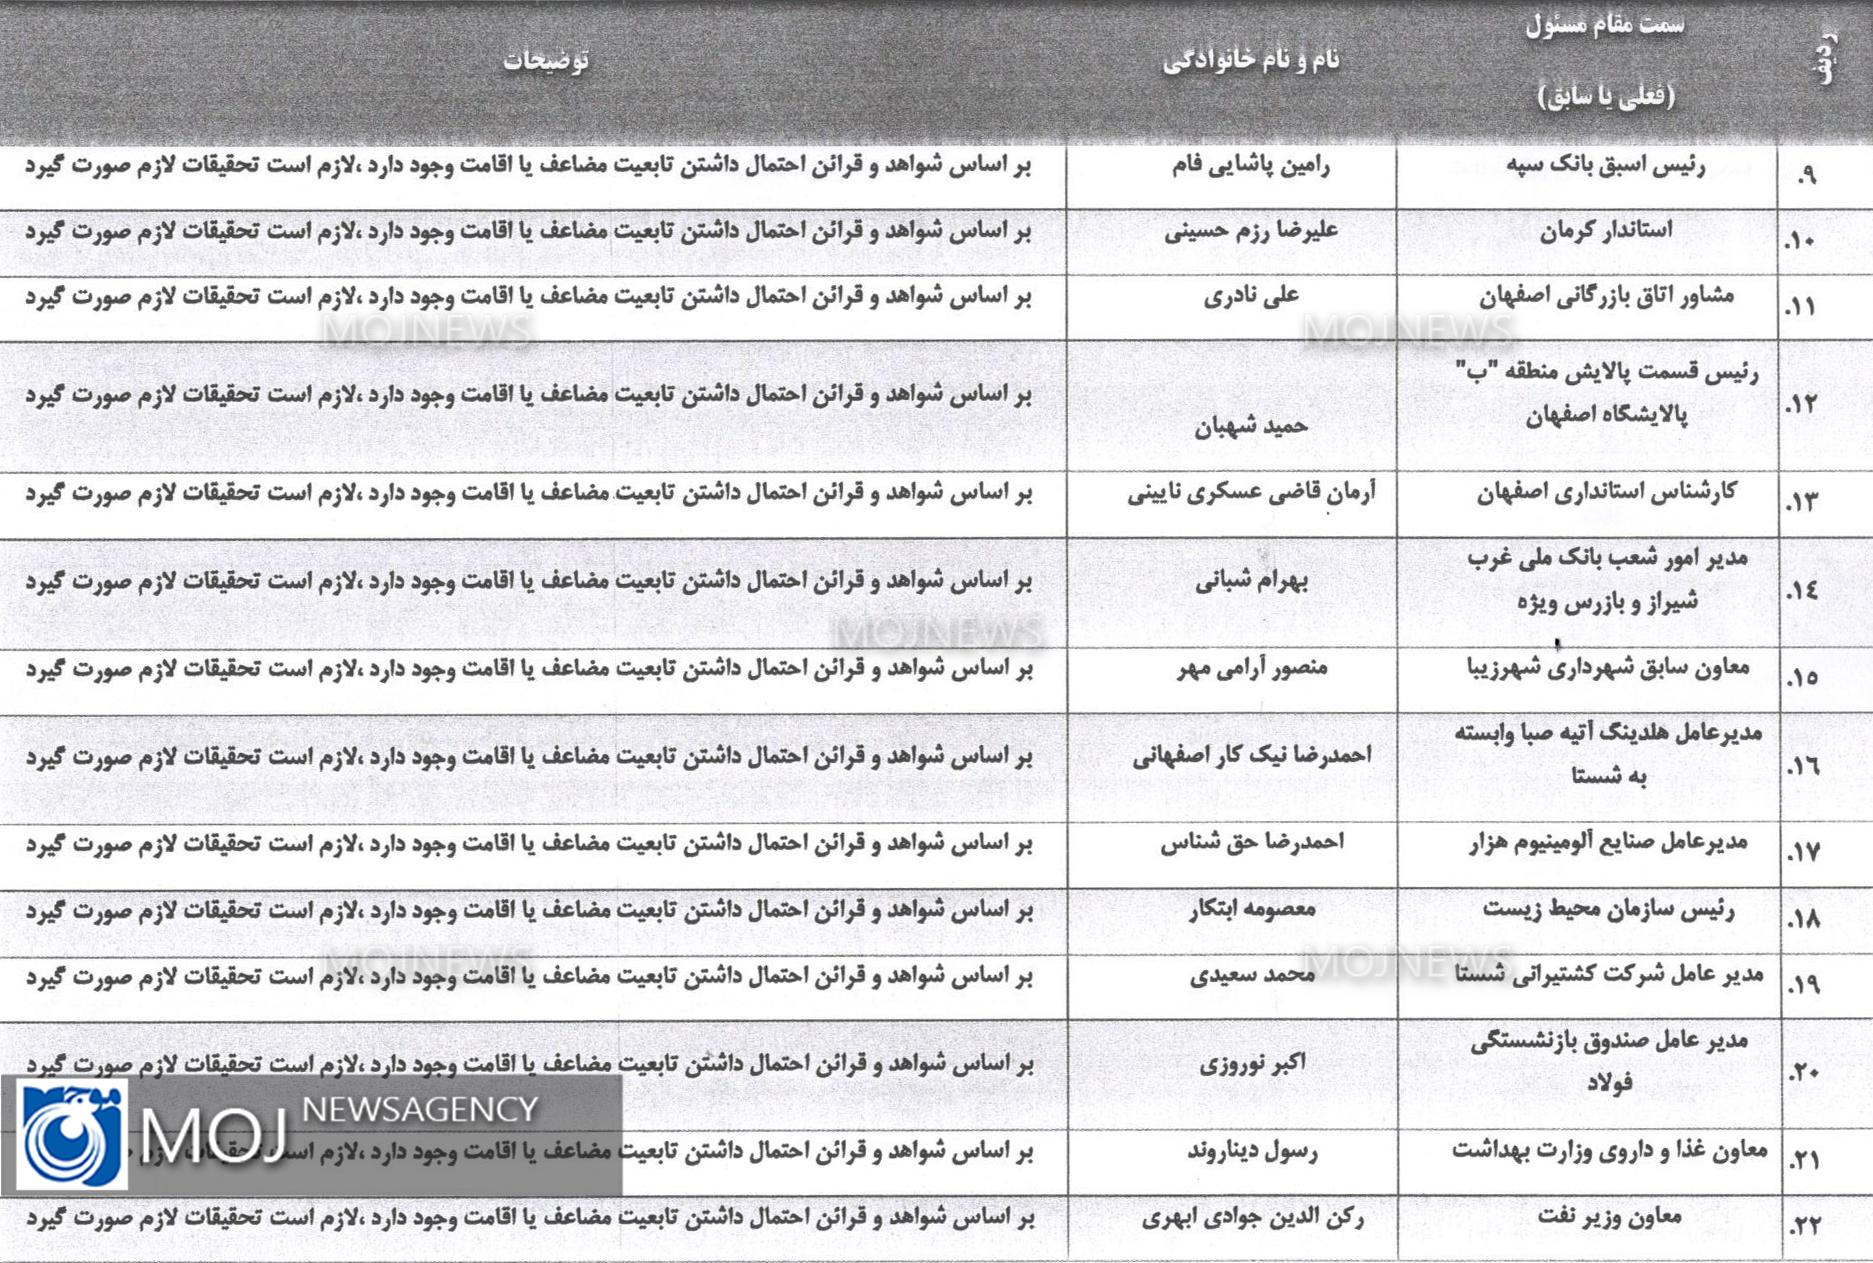 لیست افراد دو تابعیتی بر اساس شواهد و قرائن 2